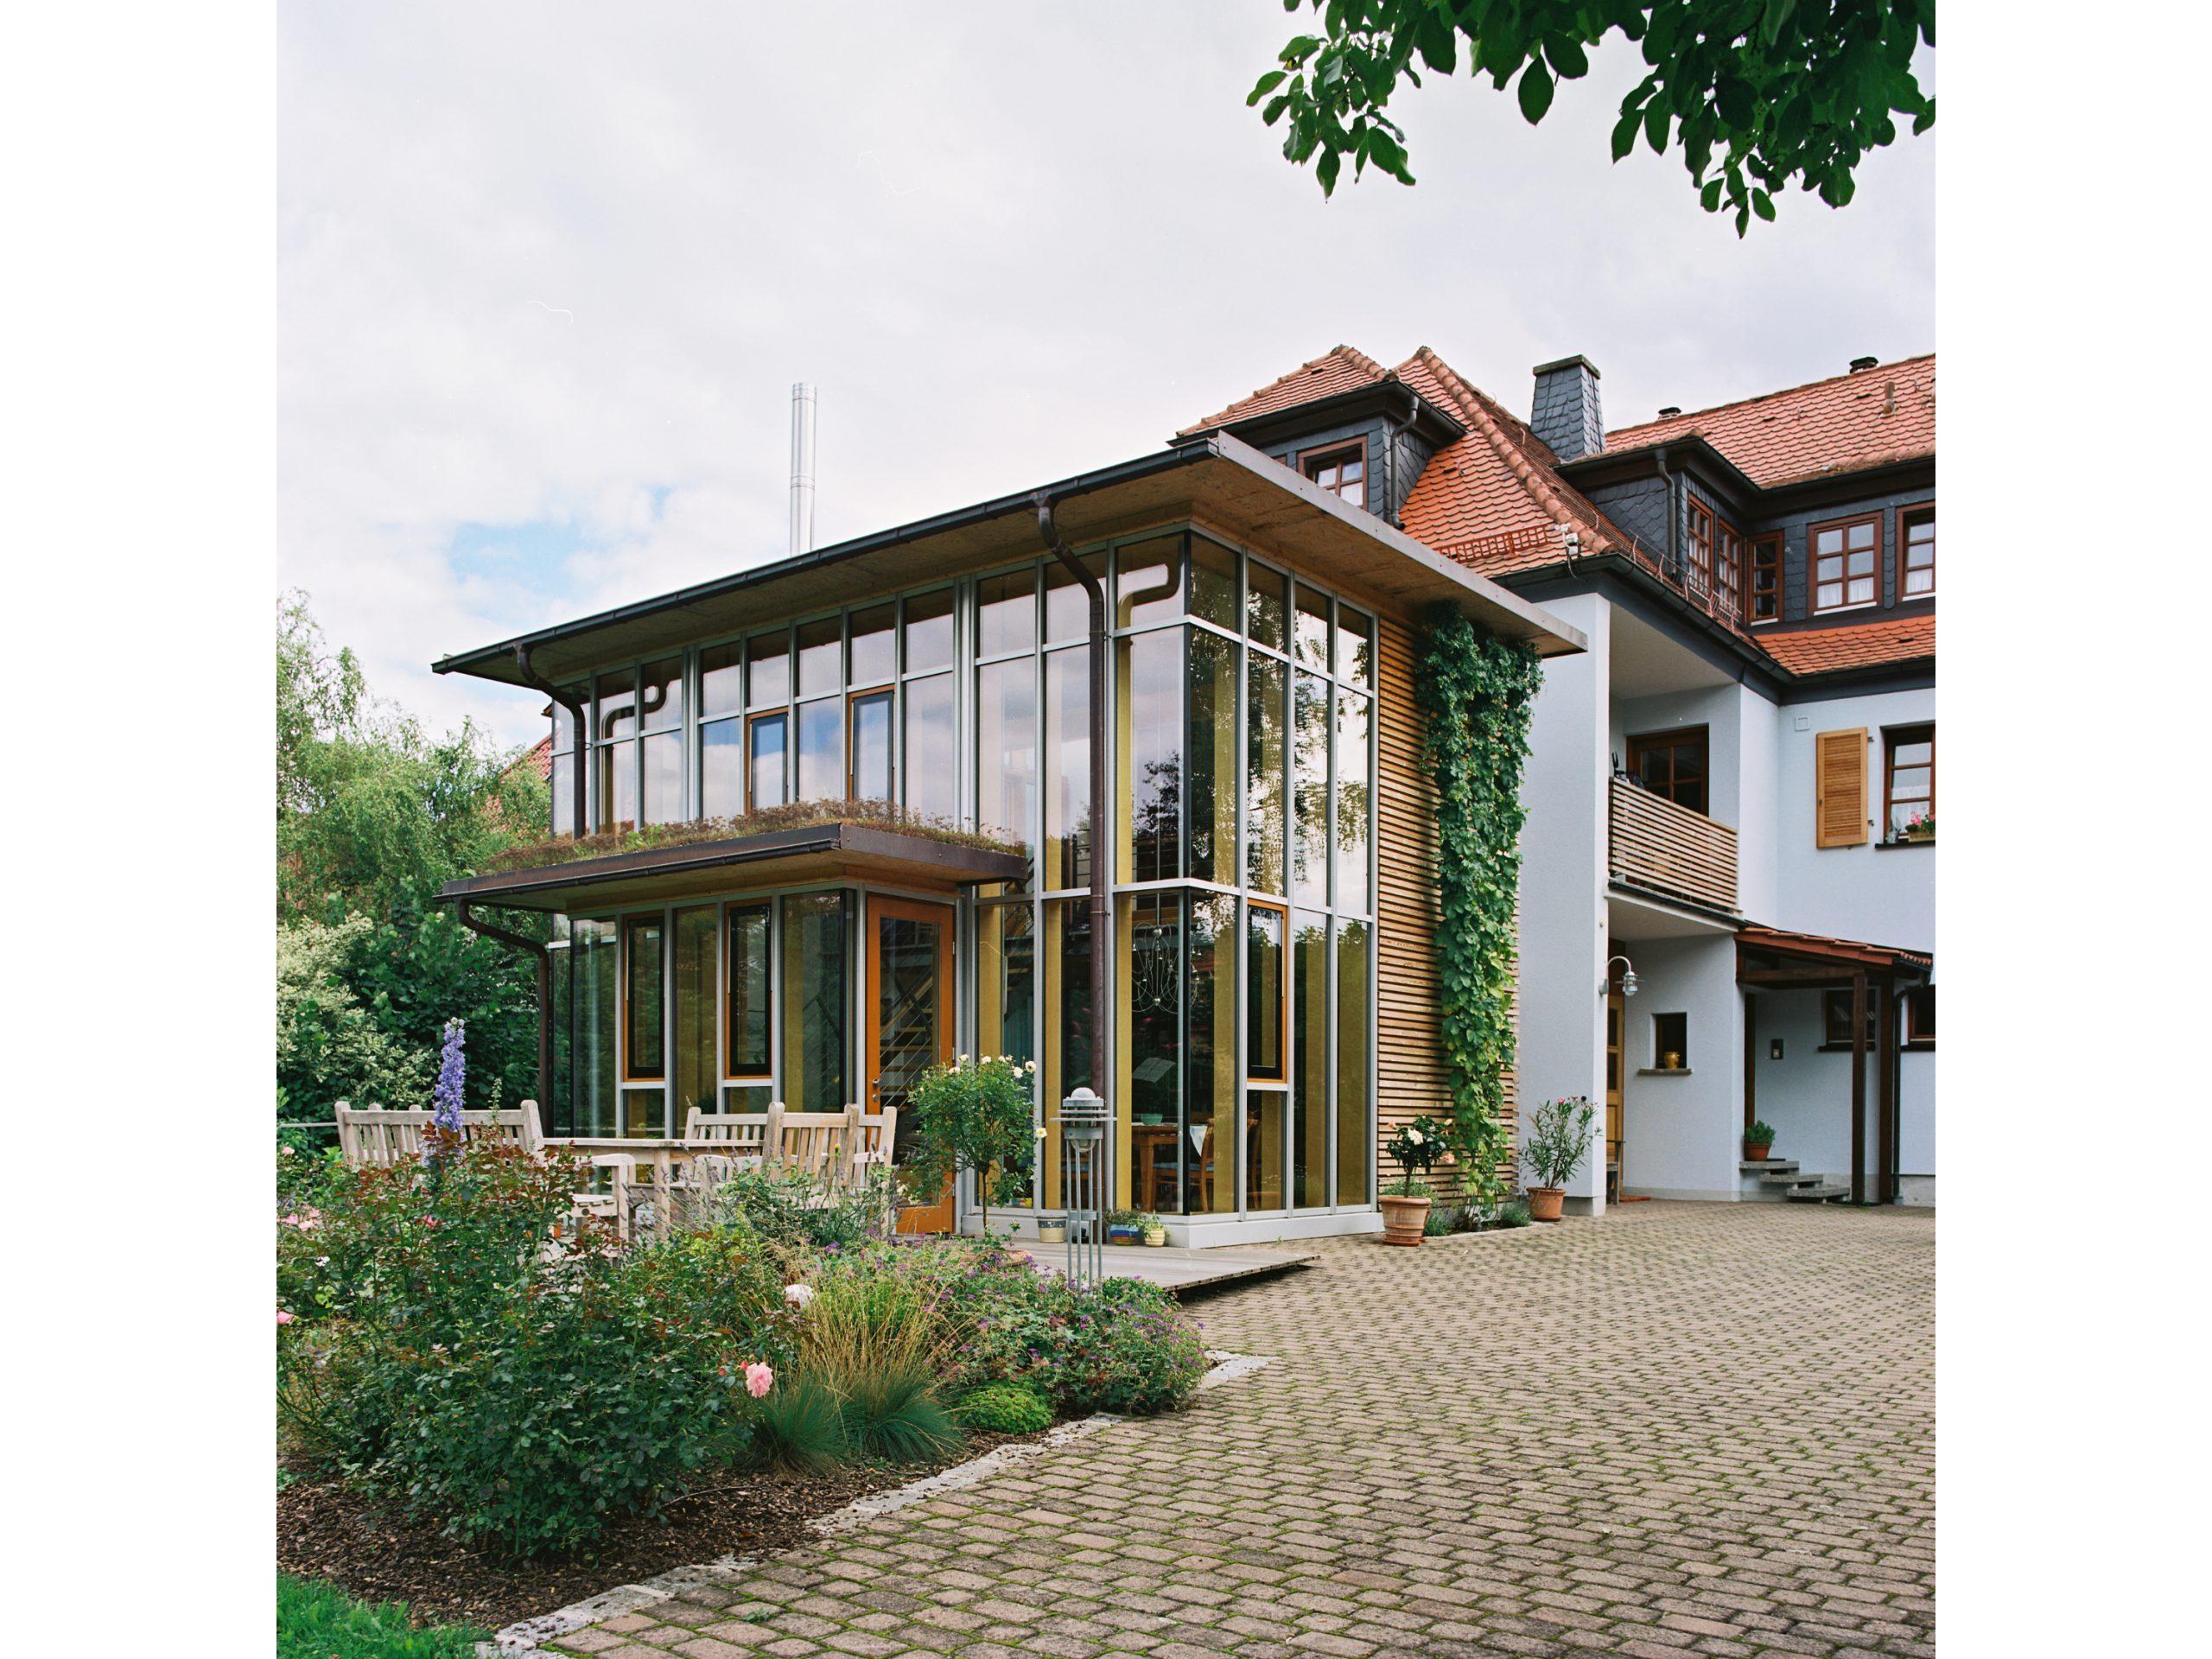 Gartenzimmer zweigeschossig